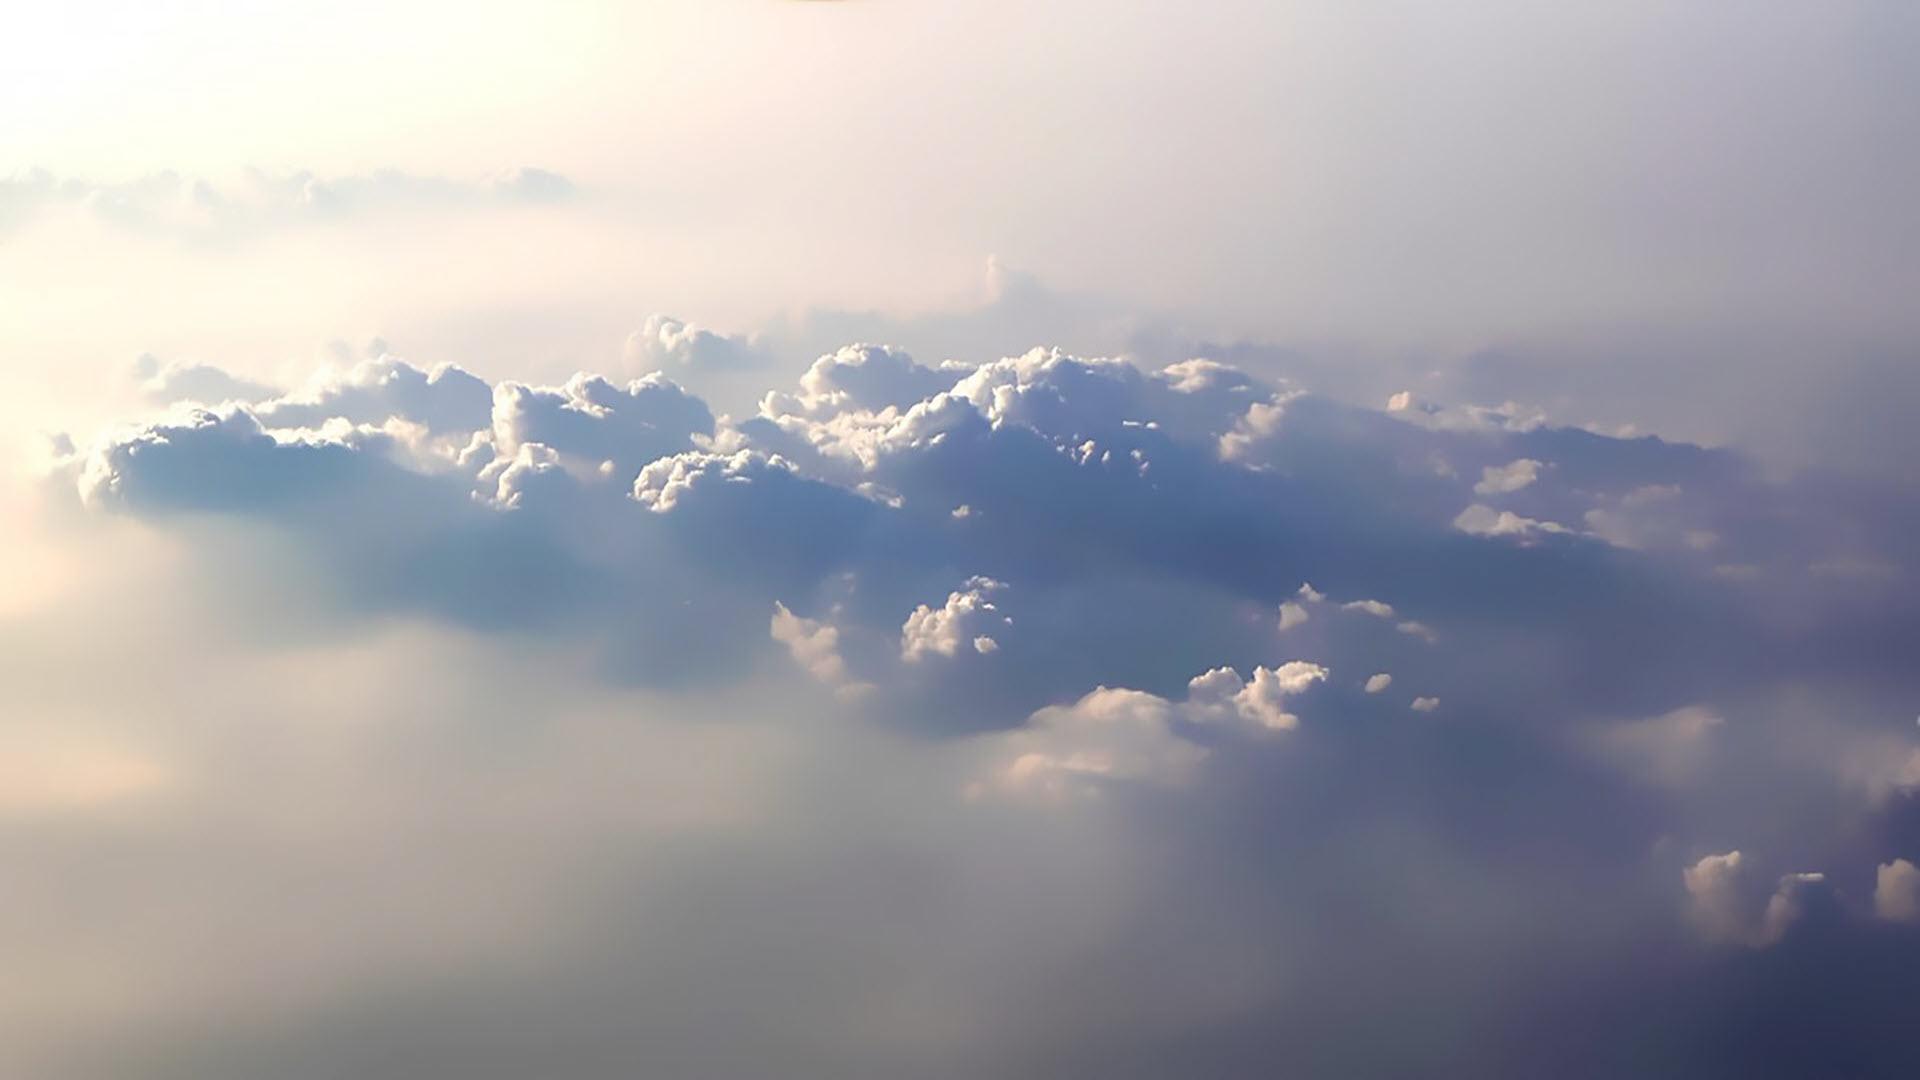 Hình nền phong cảnh trên mây